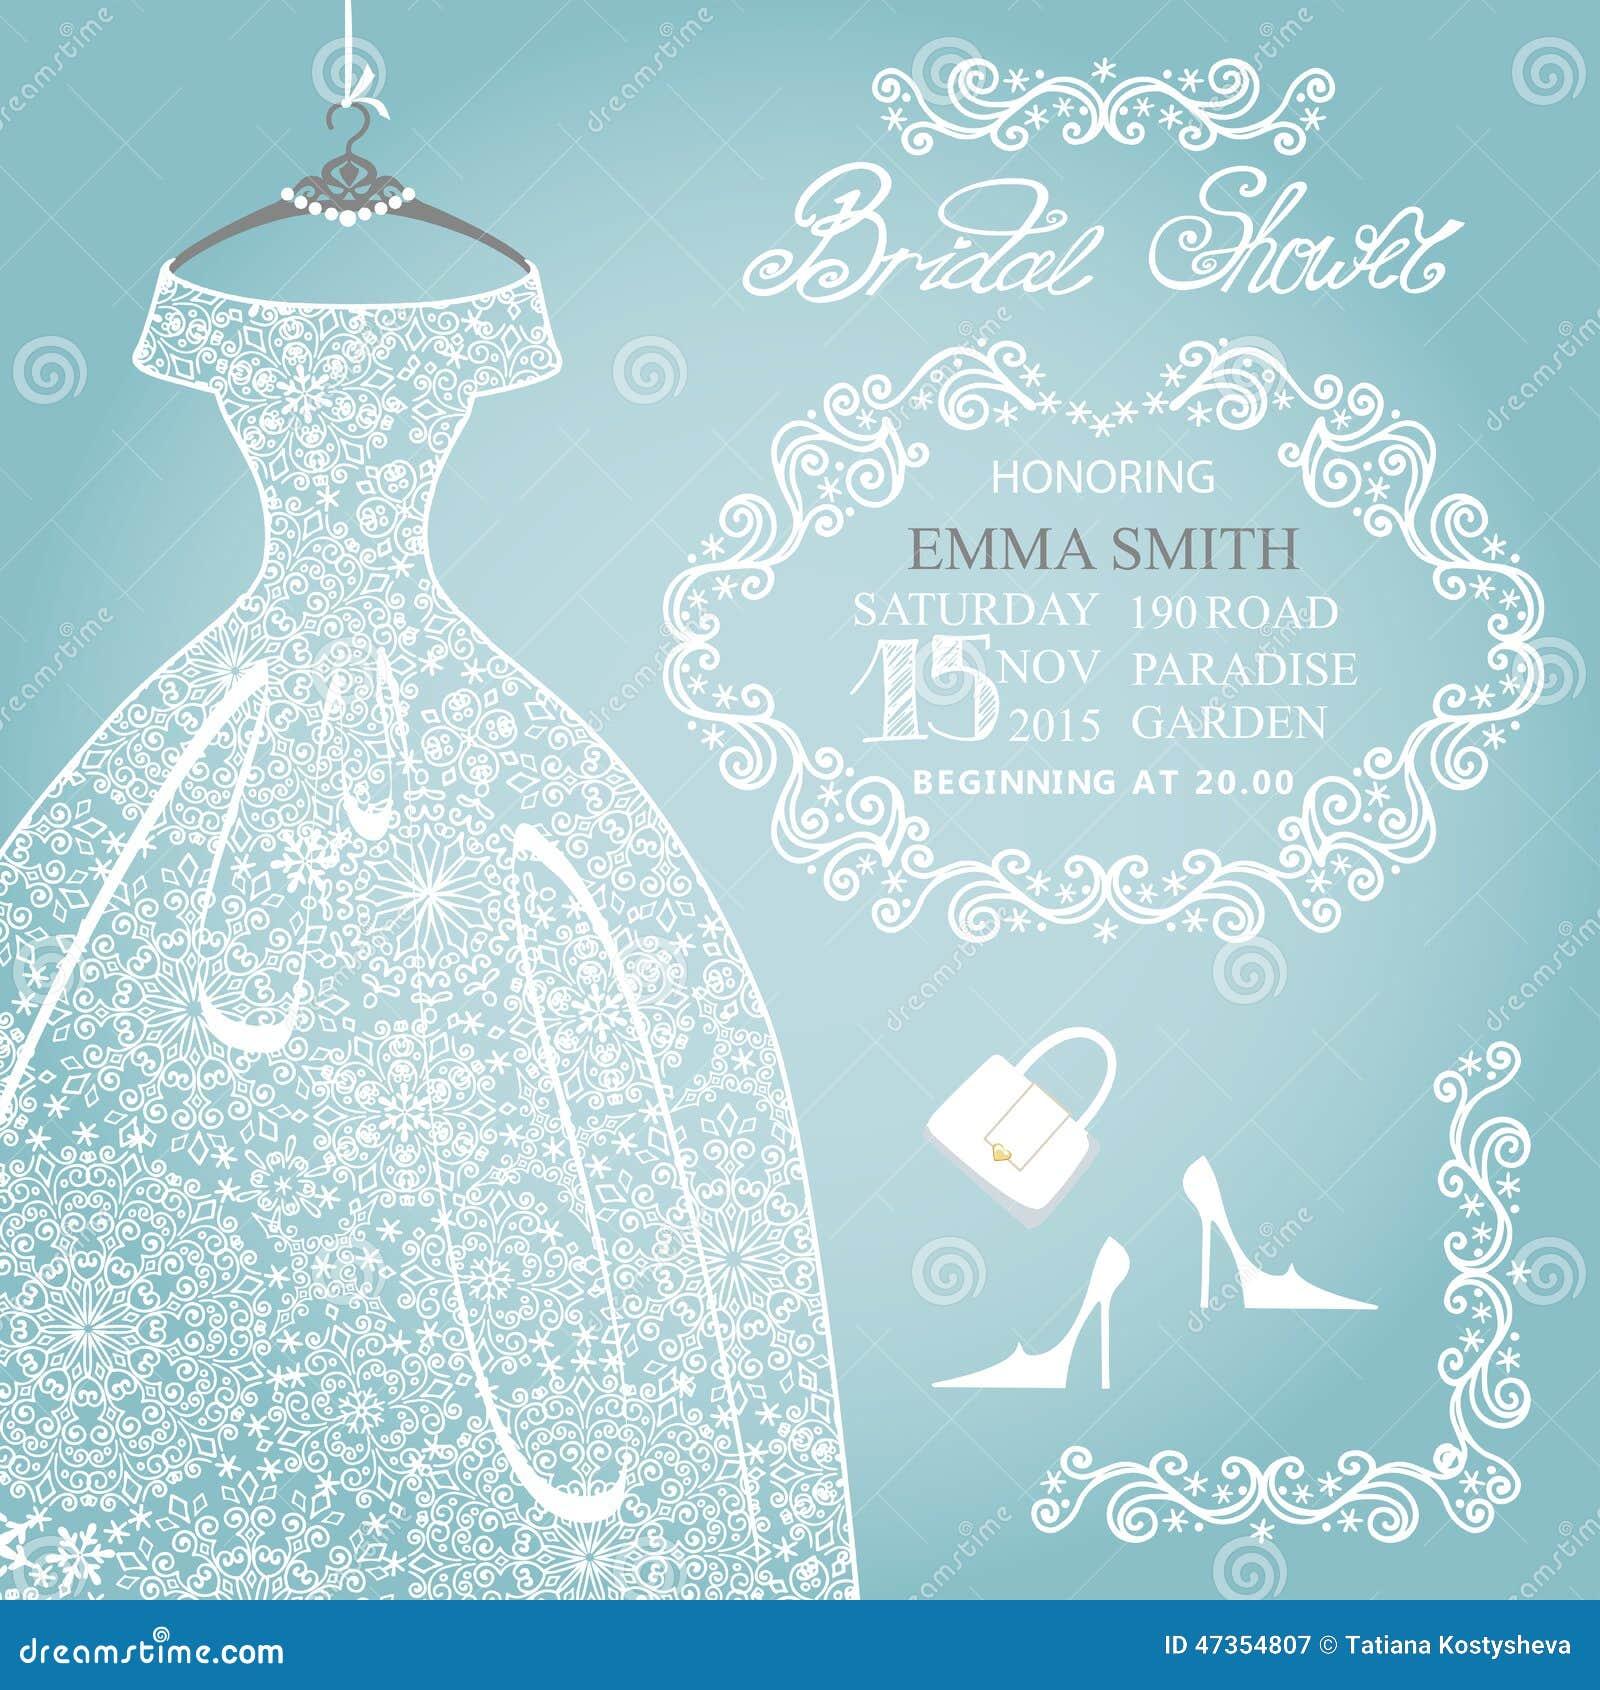 Bridal Shower Invitation.Wedding Snowflake Lace Stock Image - Image ...